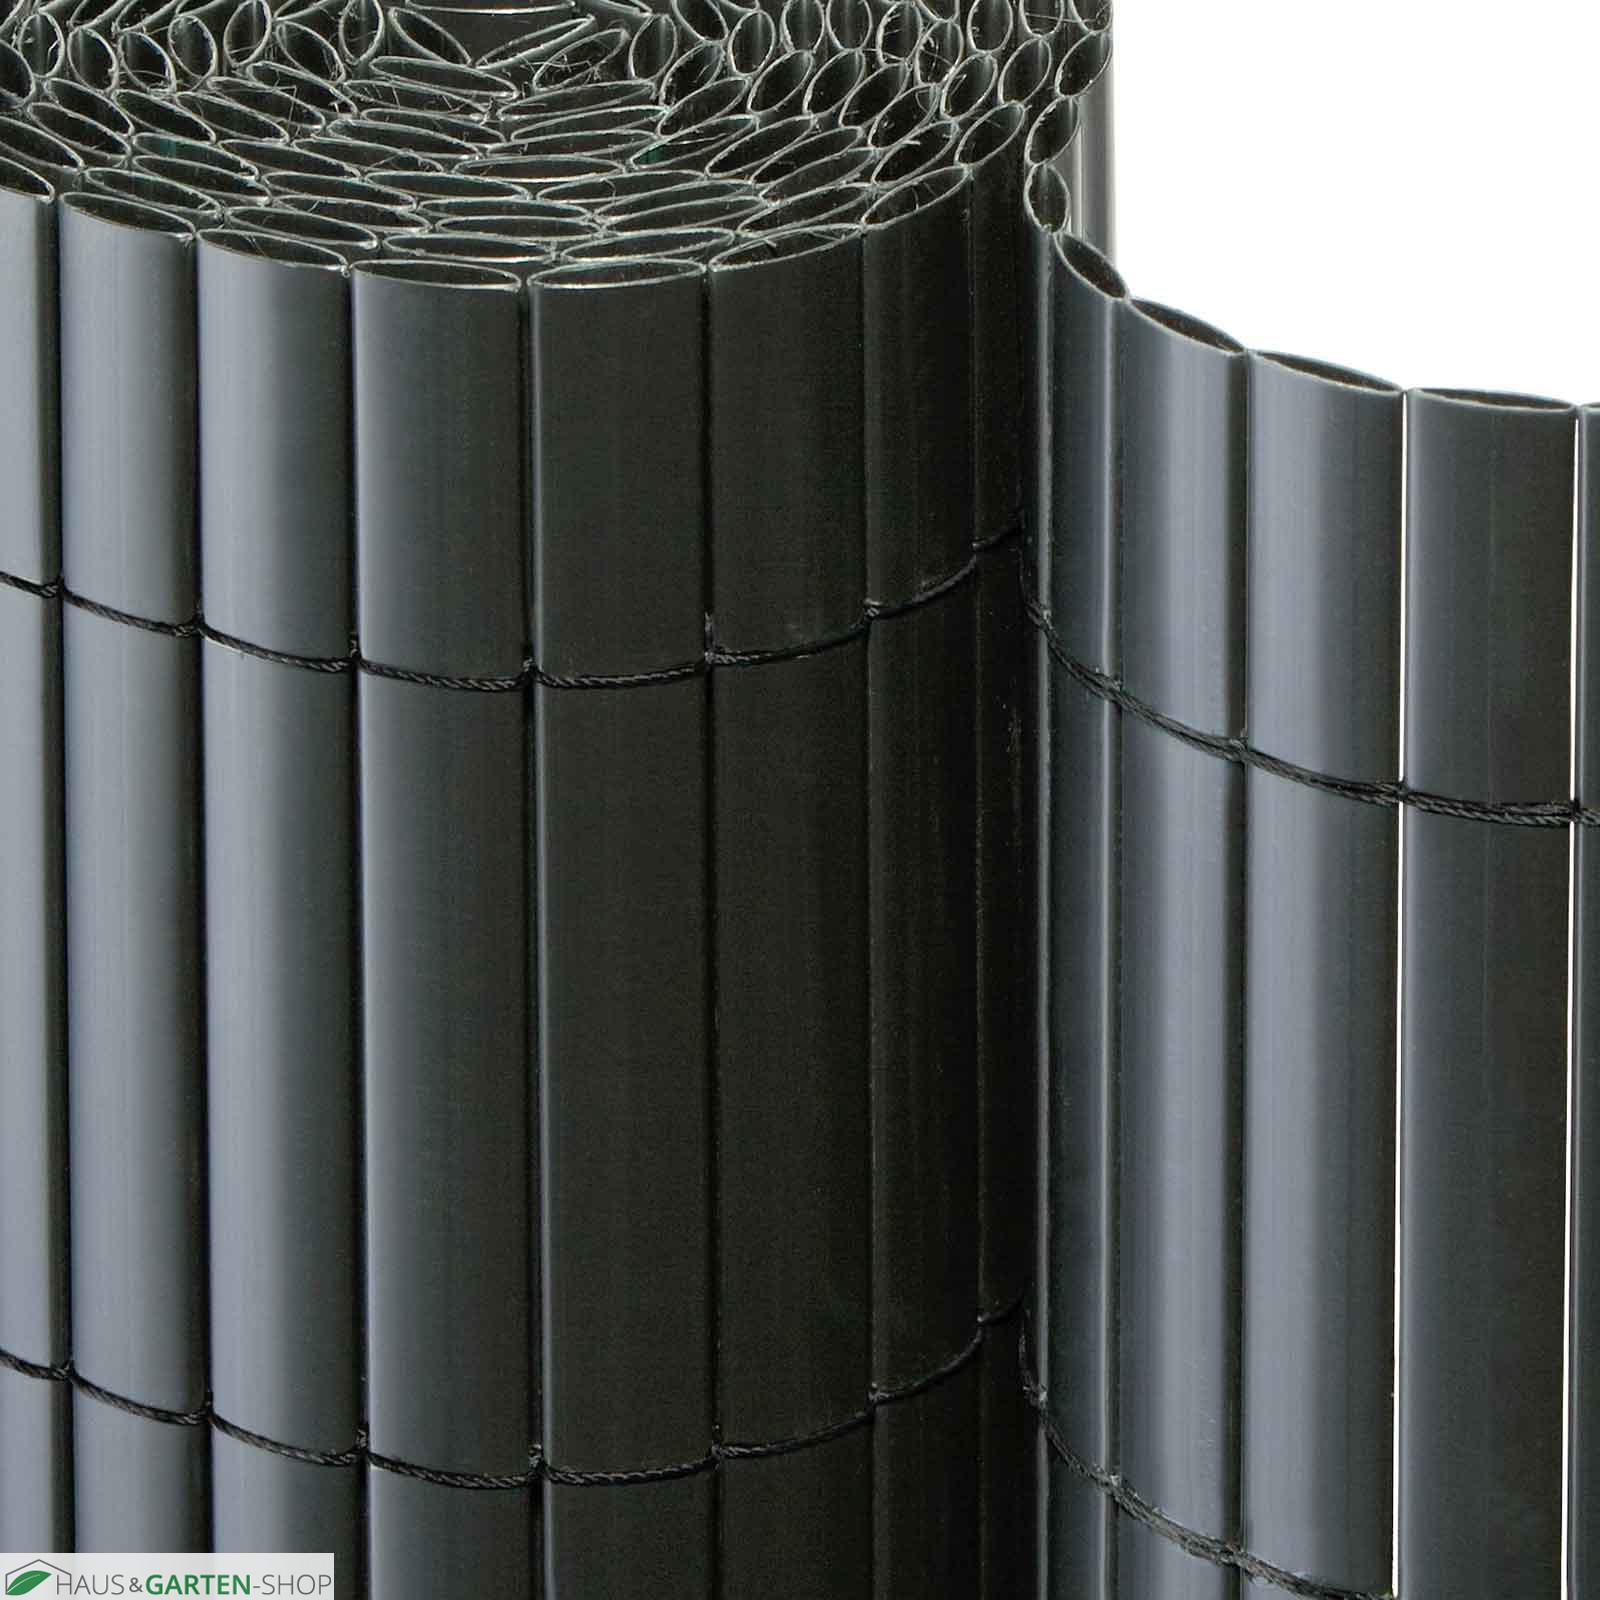 Balkonsichtschutzmatte PVC anthrazit für Garten Terrasse